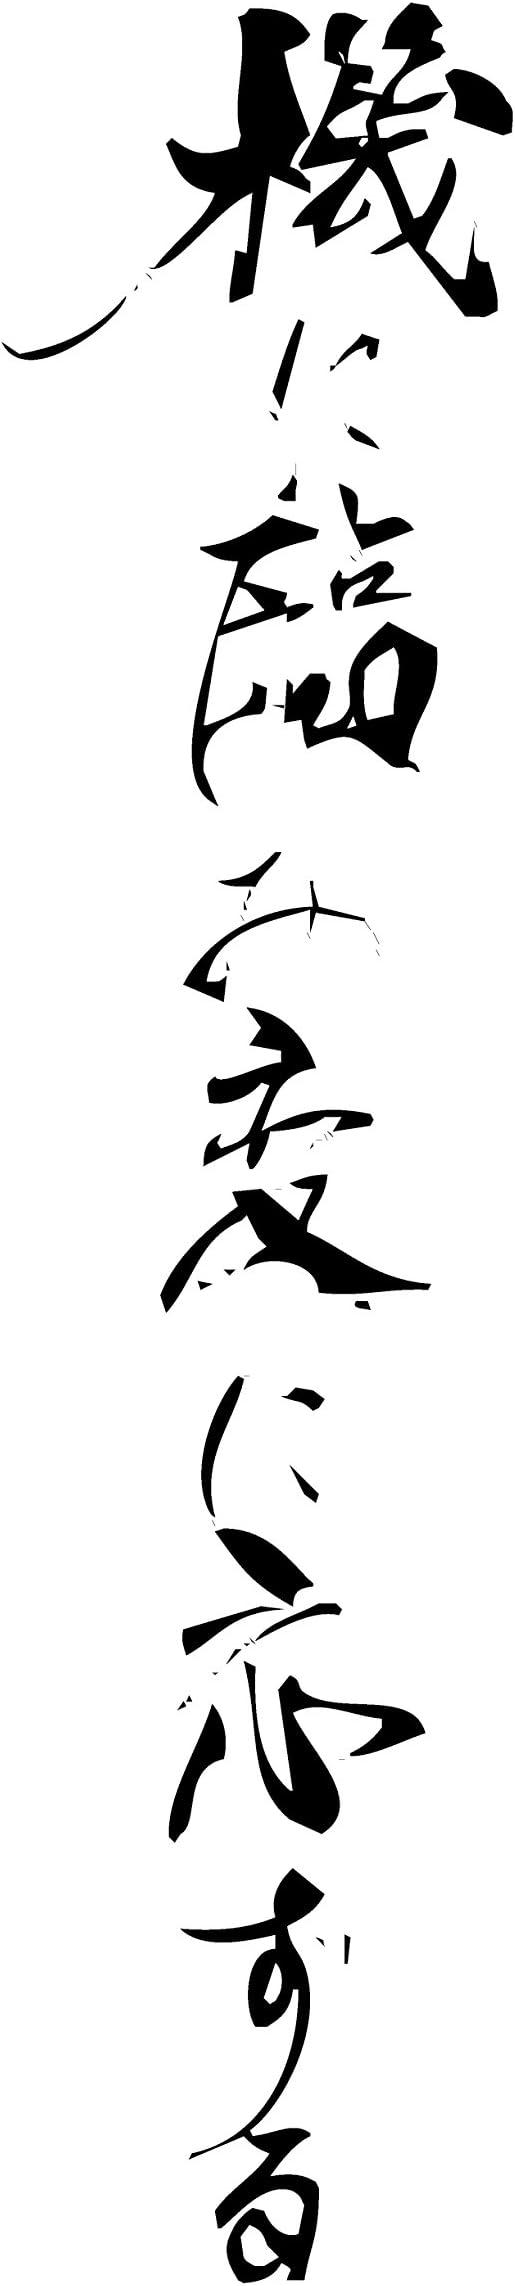 Amazon ウォールステッカー 飾り 60 60cm シール式 装飾 おしゃれ 壁紙 はがせる 剥がせる カッティングシート Wall Sticker 雑貨 ガラス 窓 Diy プチリフォーム パーティー イベント 賃貸 漢字 文字 文 ことわざ 格言 名言 有名 恋 人生 言葉 ことわざ